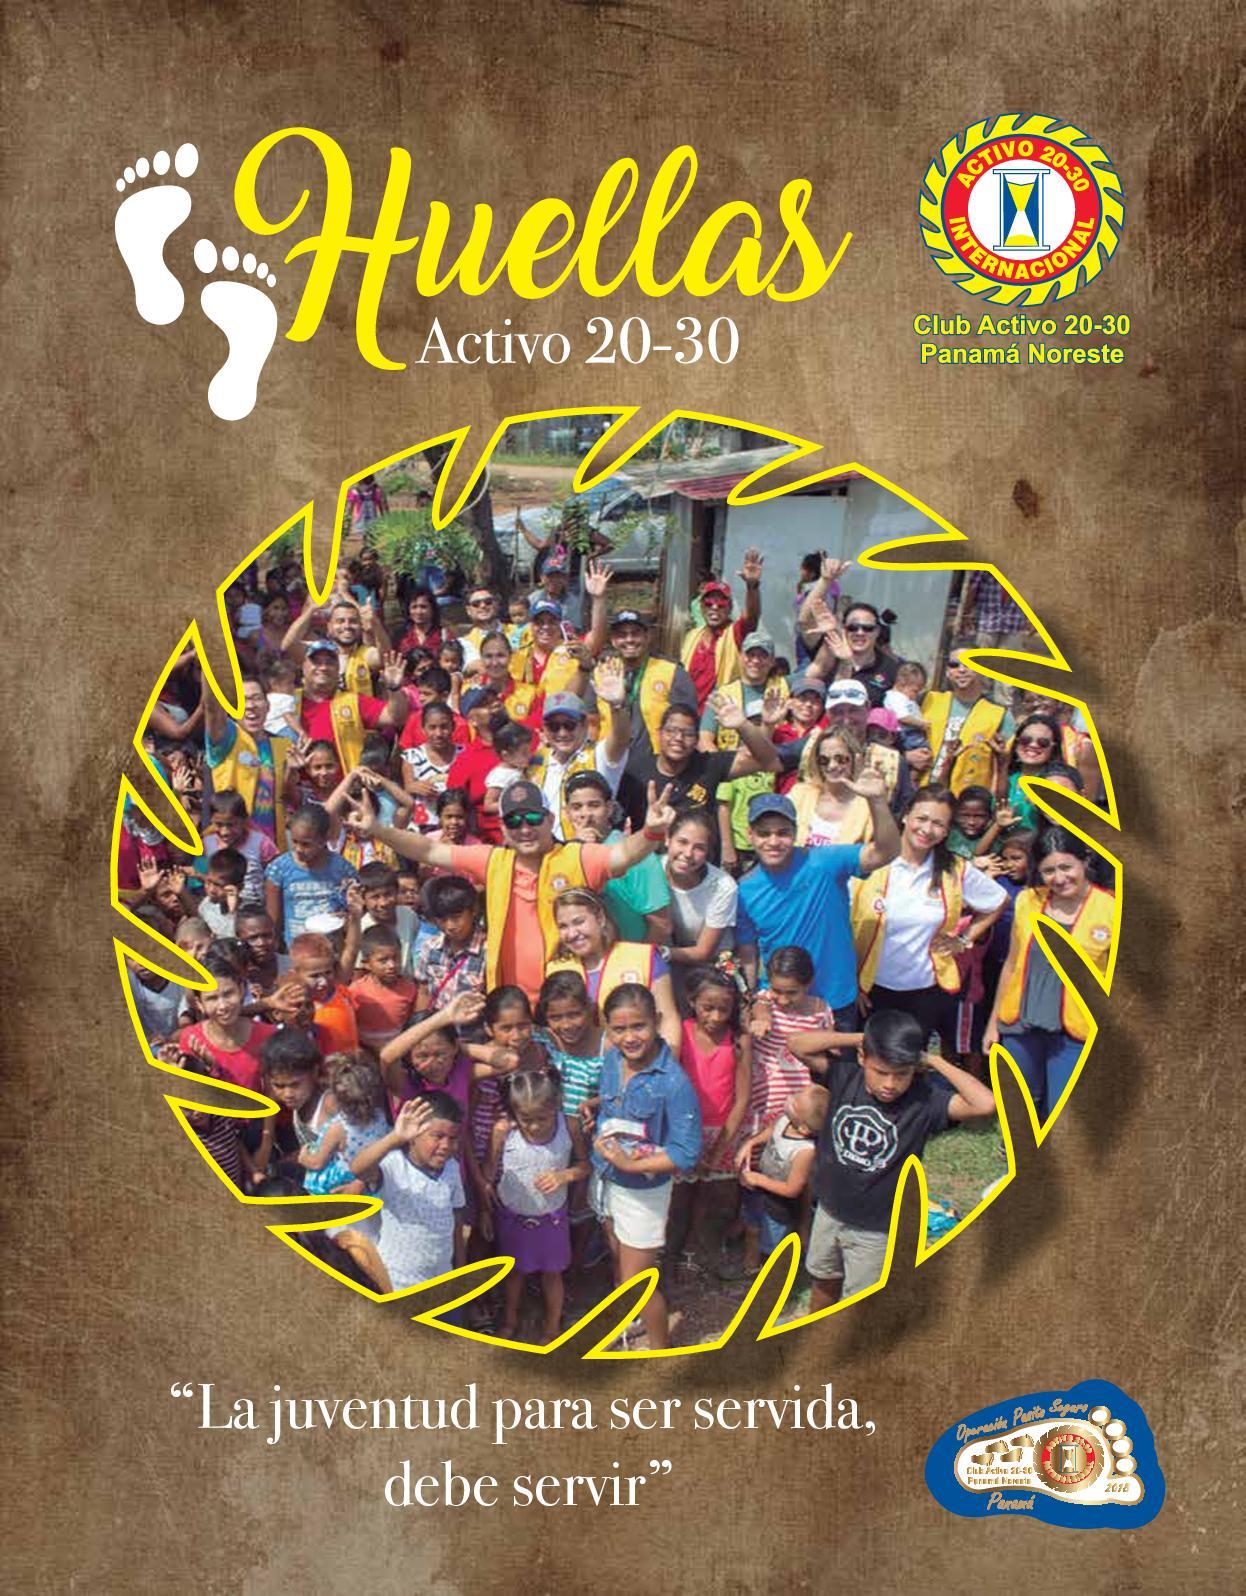 Huellas Activo 20-30 Panamá Noreste